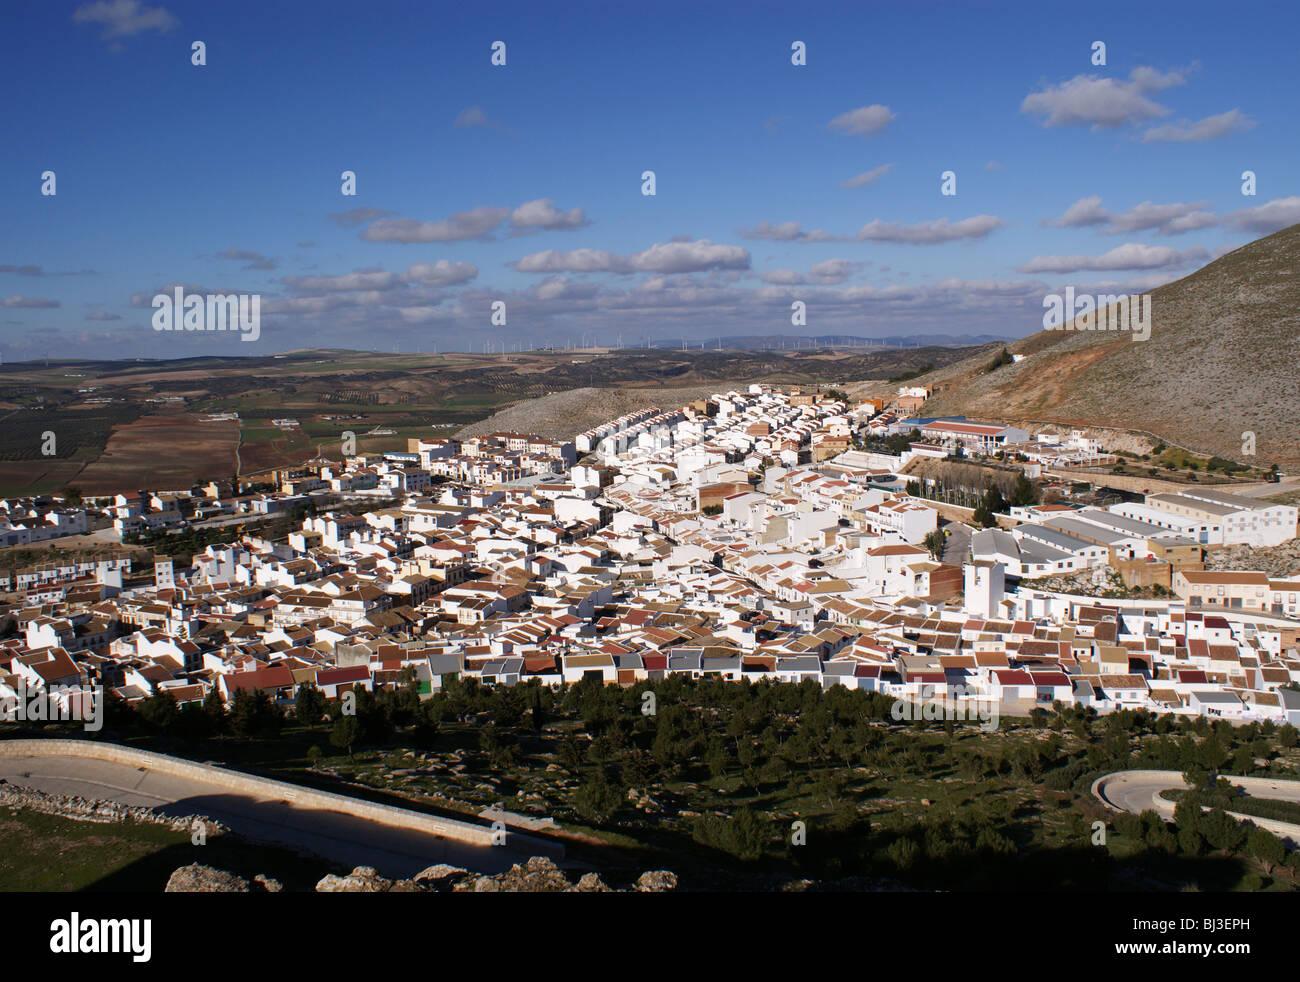 TEBA Andalusia Spagna vista del villaggio di Teba dal castello Immagini Stock